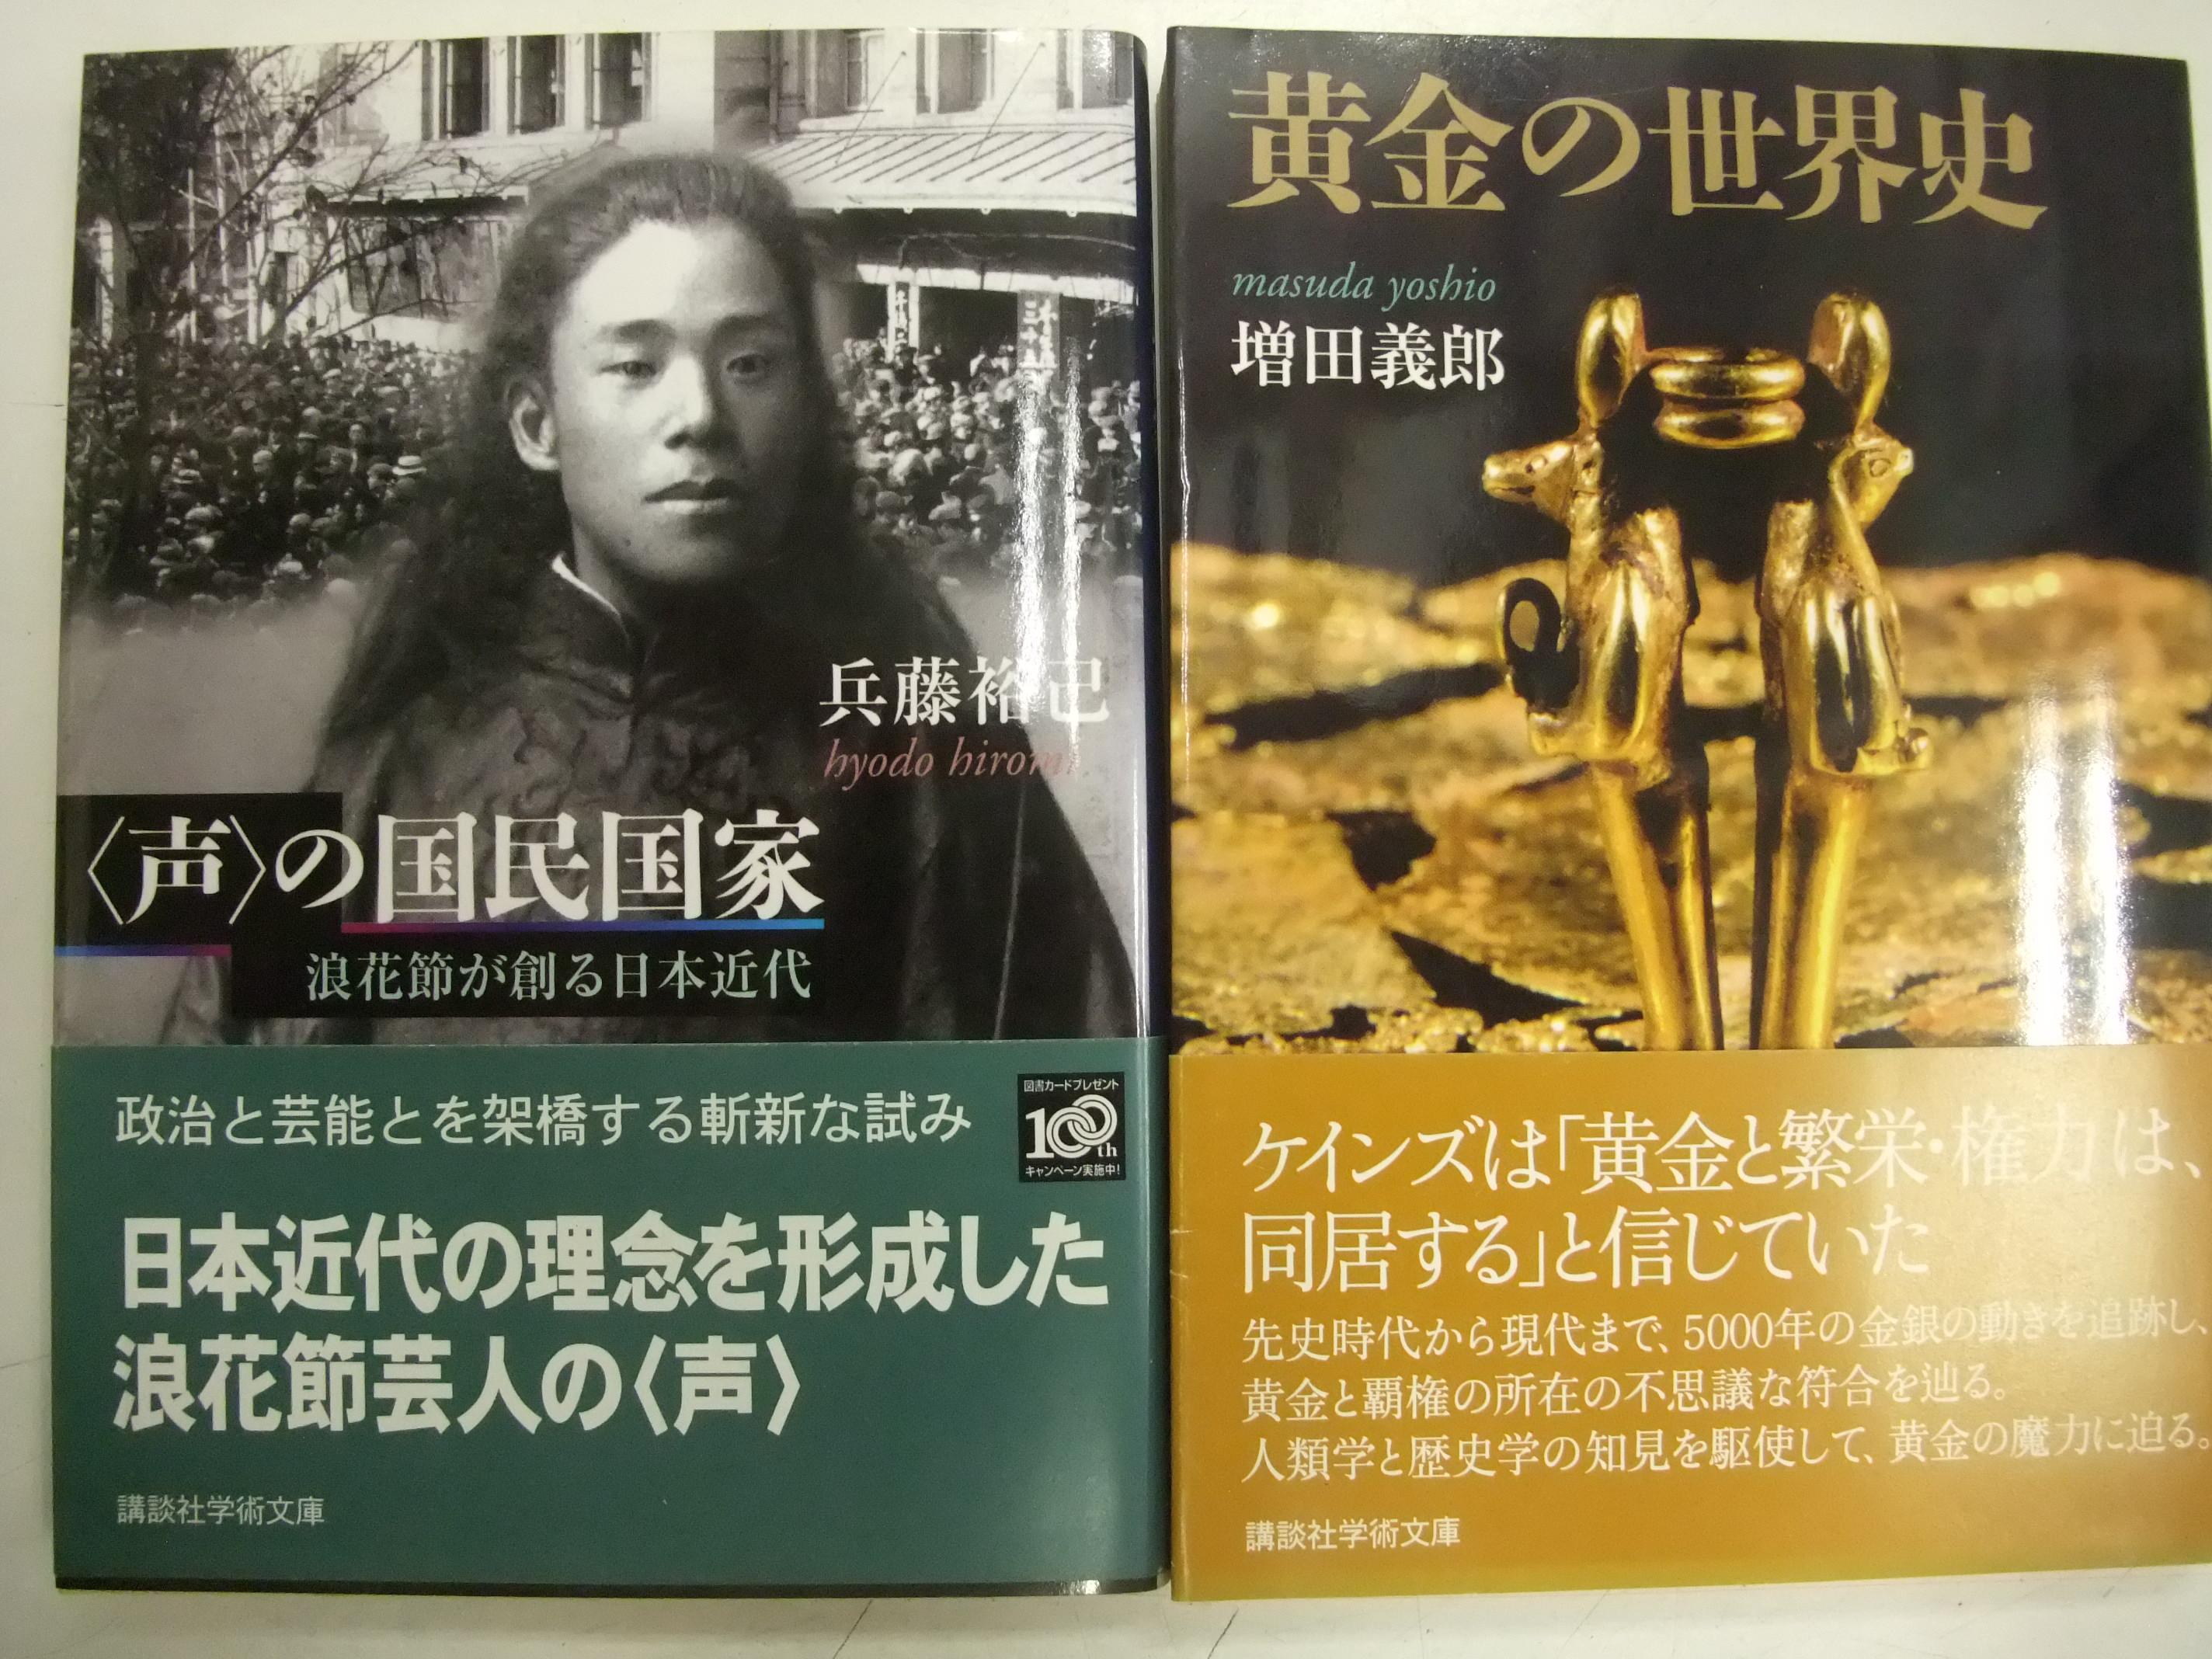 浜松市西区西山町 出張買取 「講談社学術文庫 ちくま学芸文庫 〈声〉の国民国家」